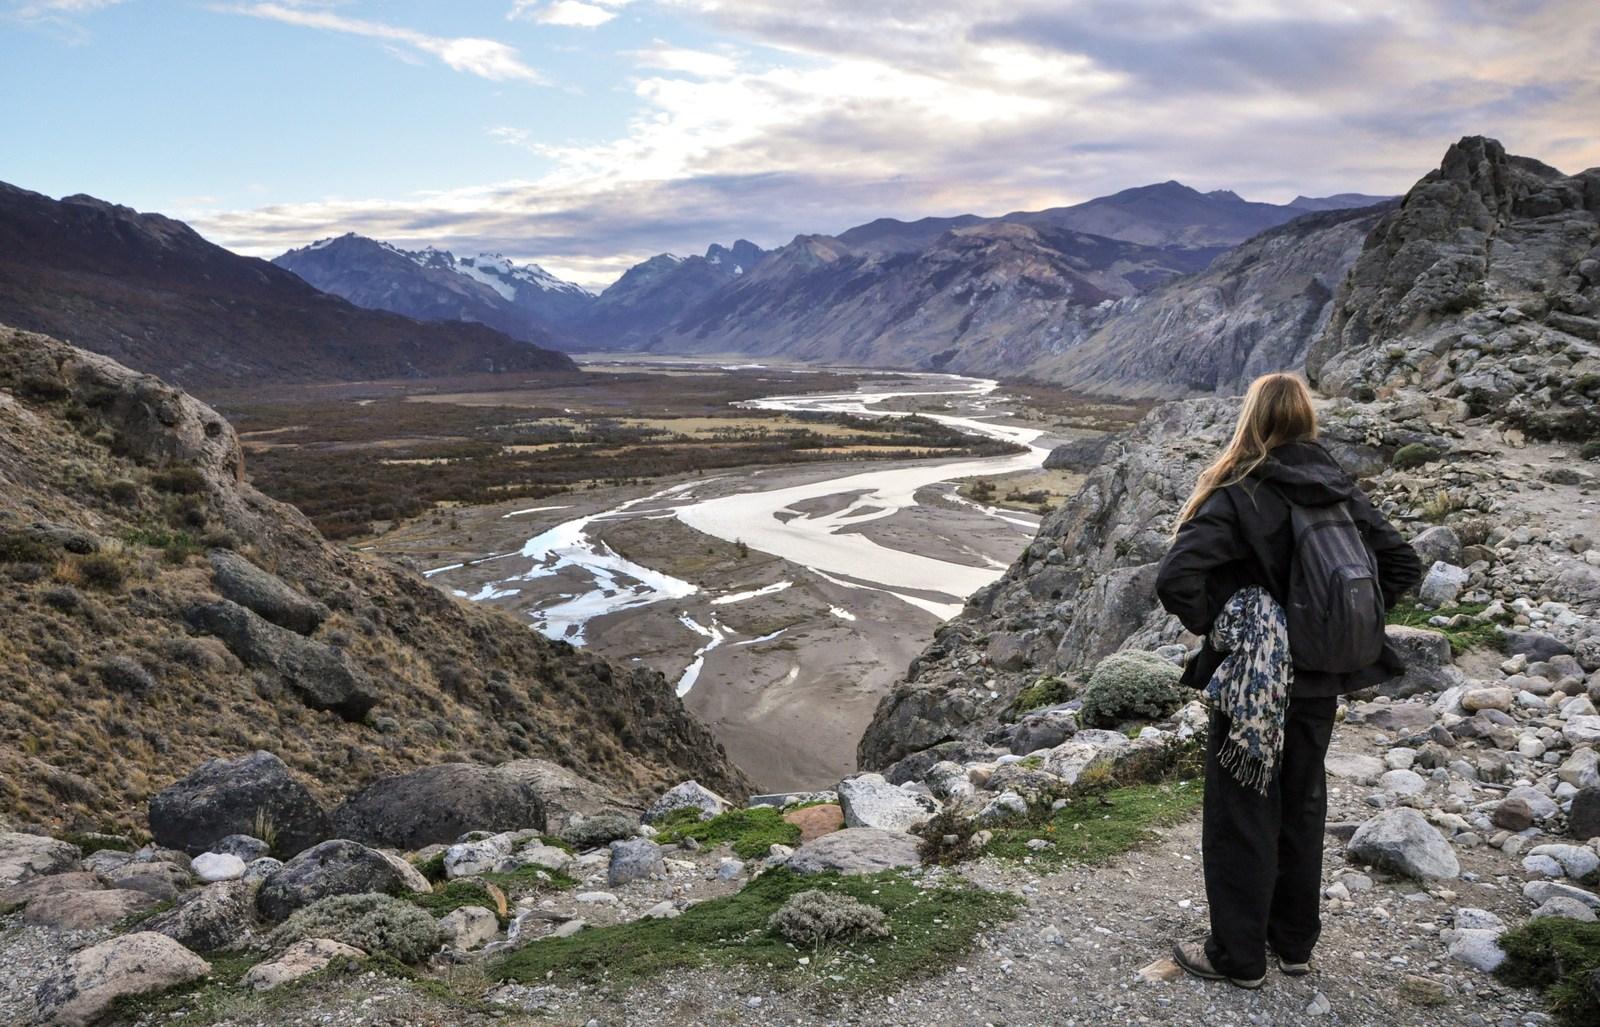 Devant les paysages de Patagonie  El Chaltén